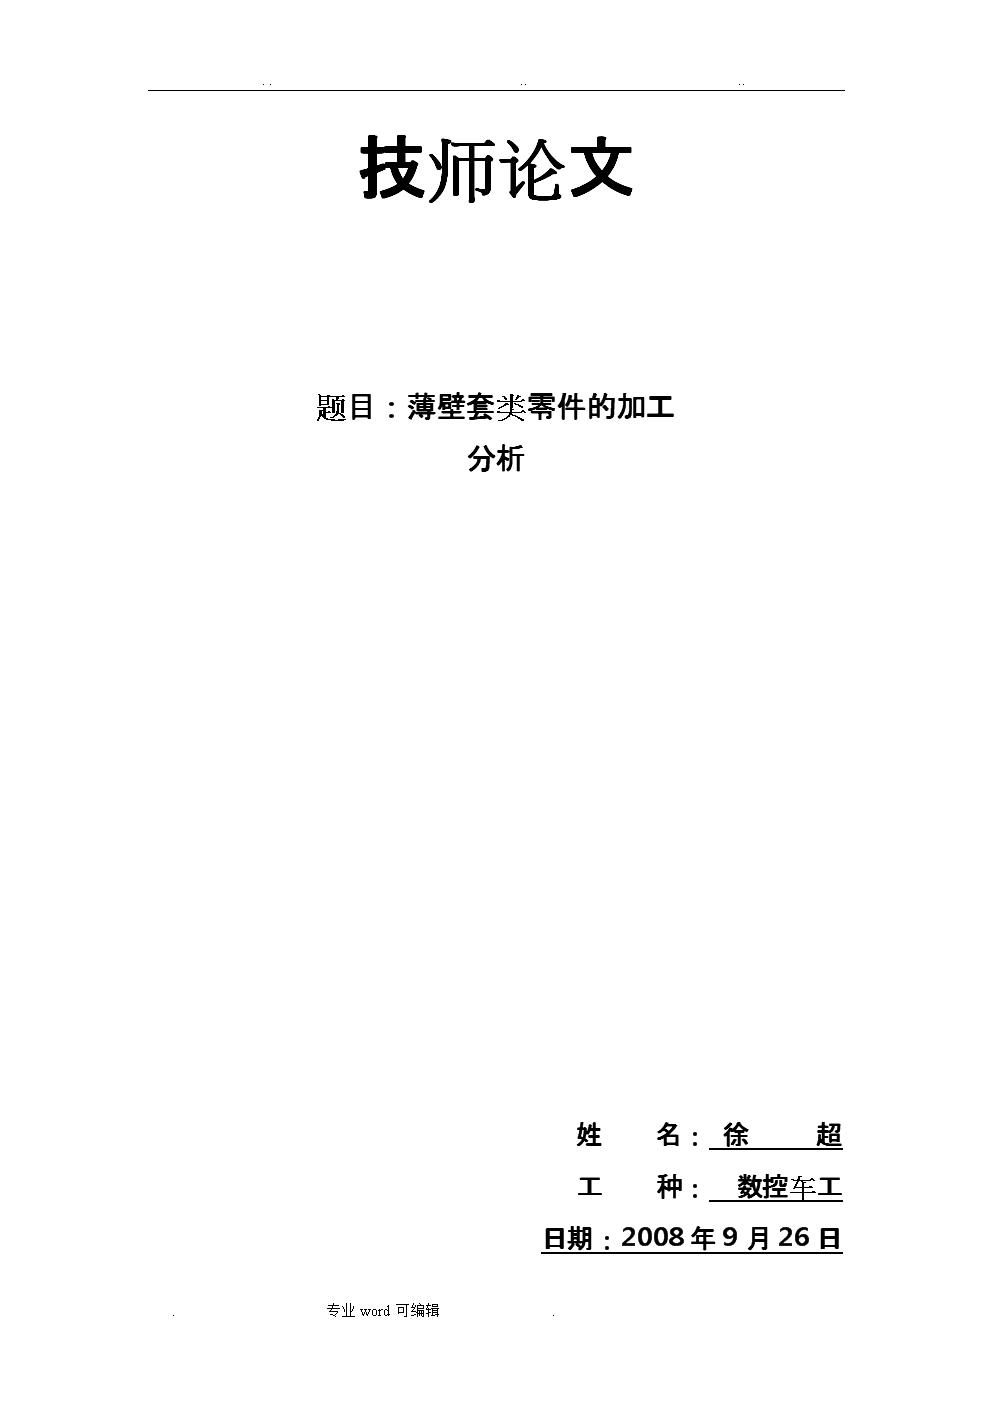 数控车技师论文正稿.doc